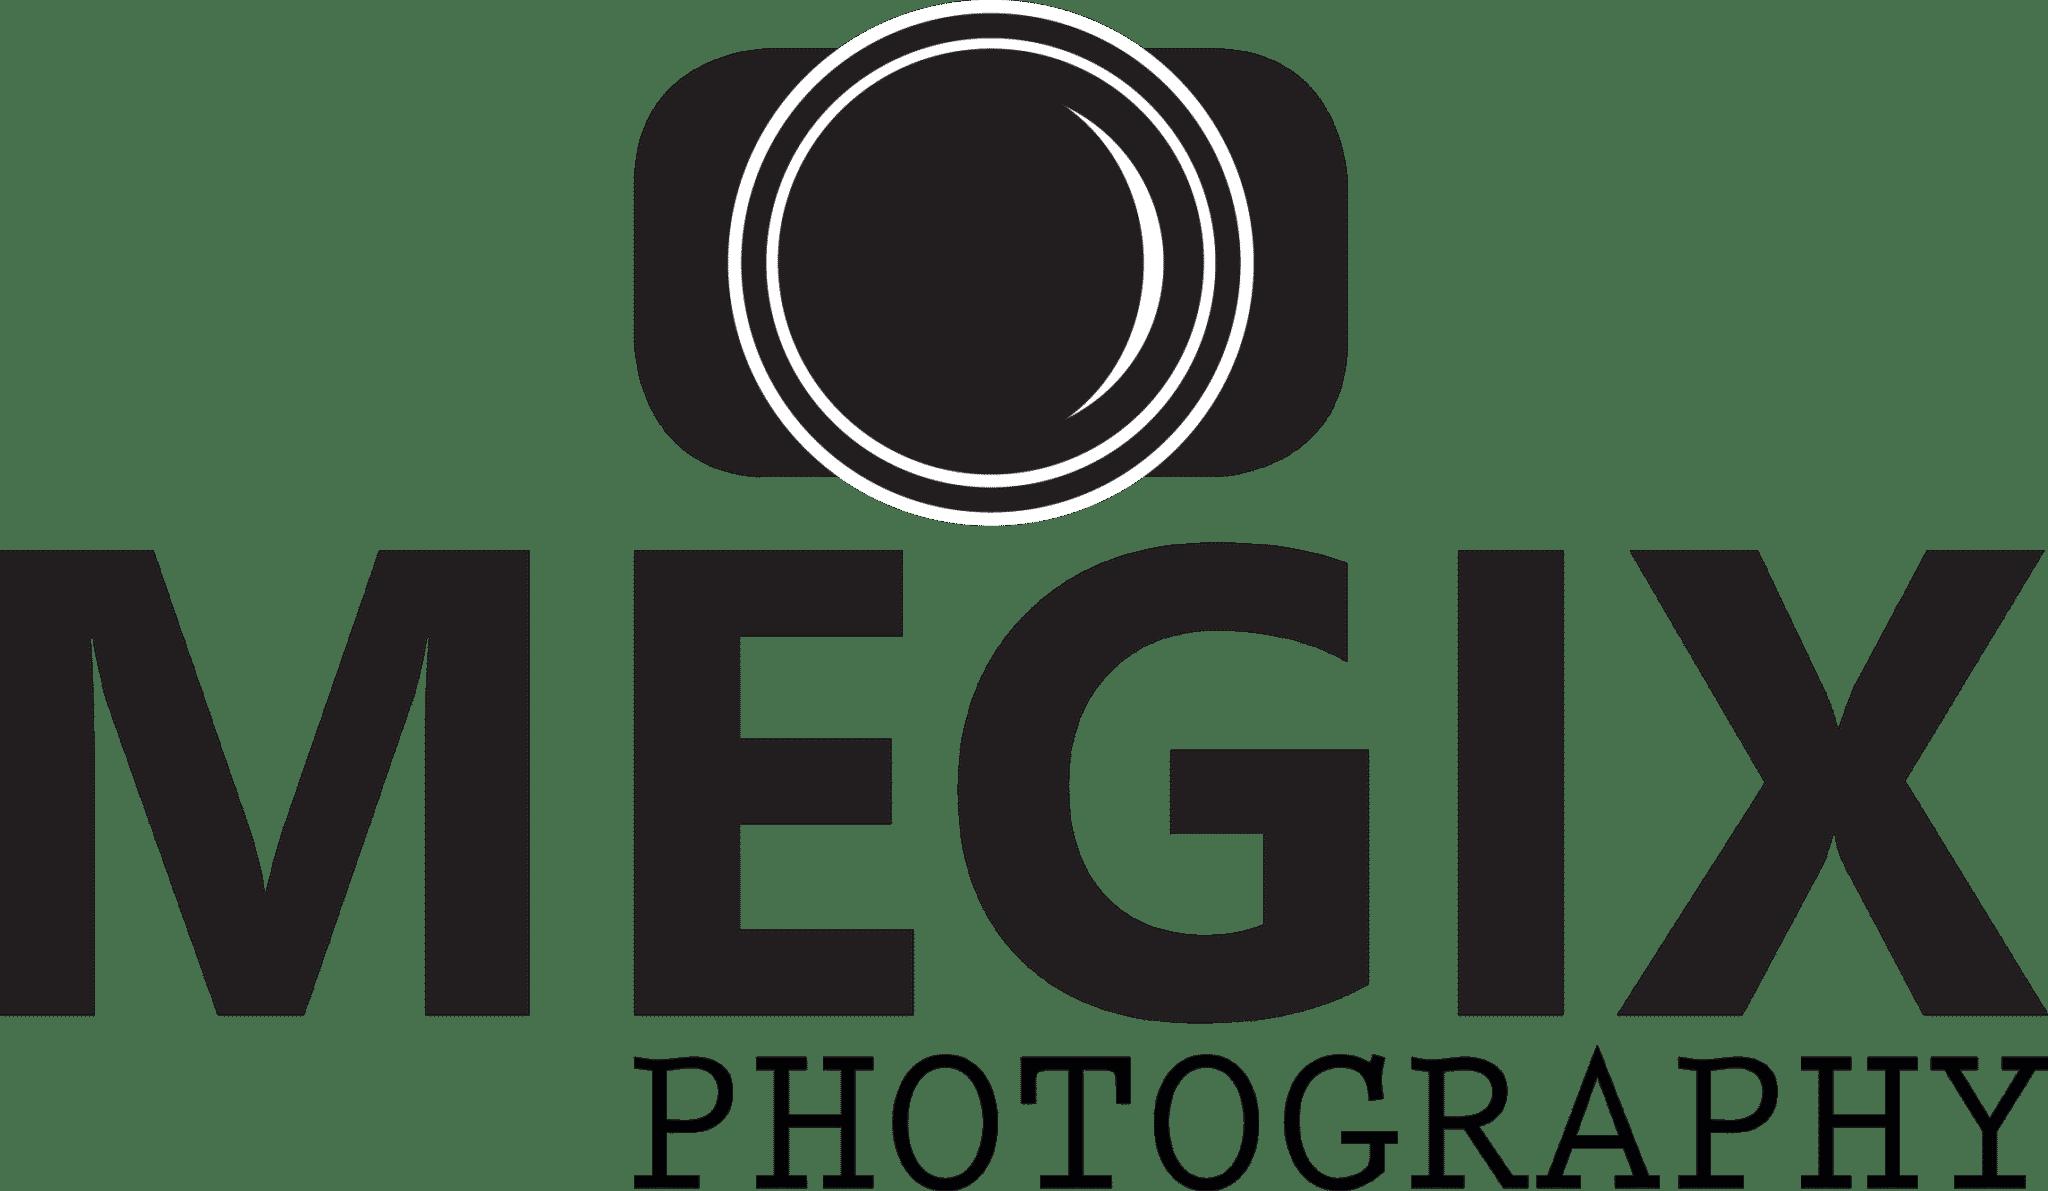 MEGIX Photography Logo